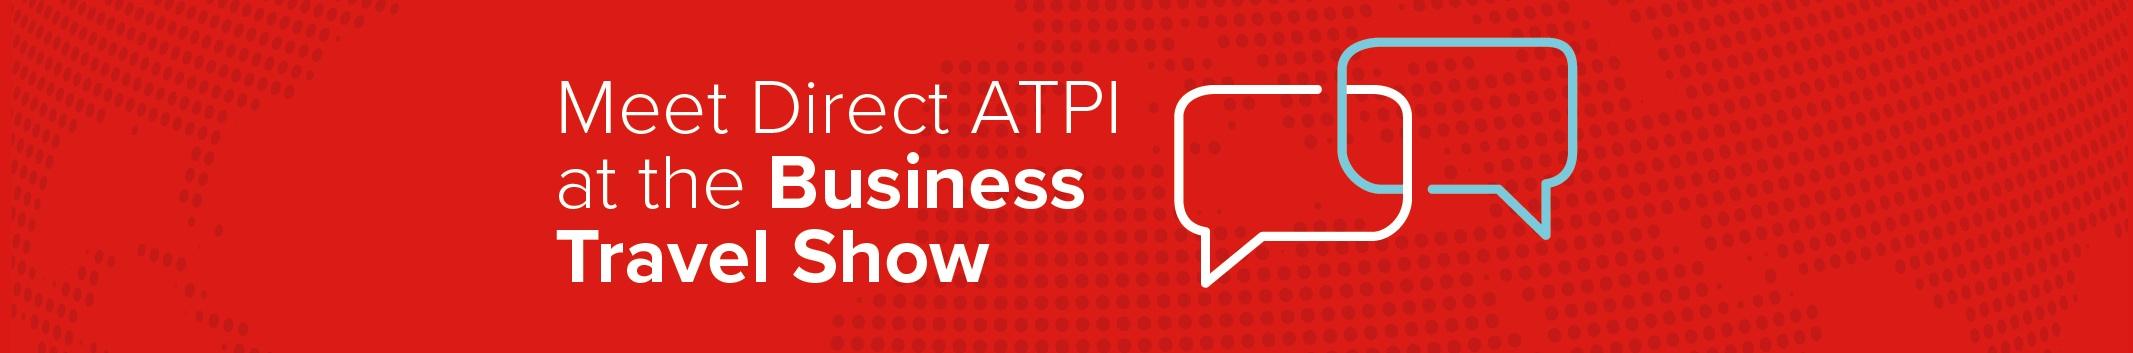 UK - Direct ATPI_BTS2019 landing page banner 1600x265